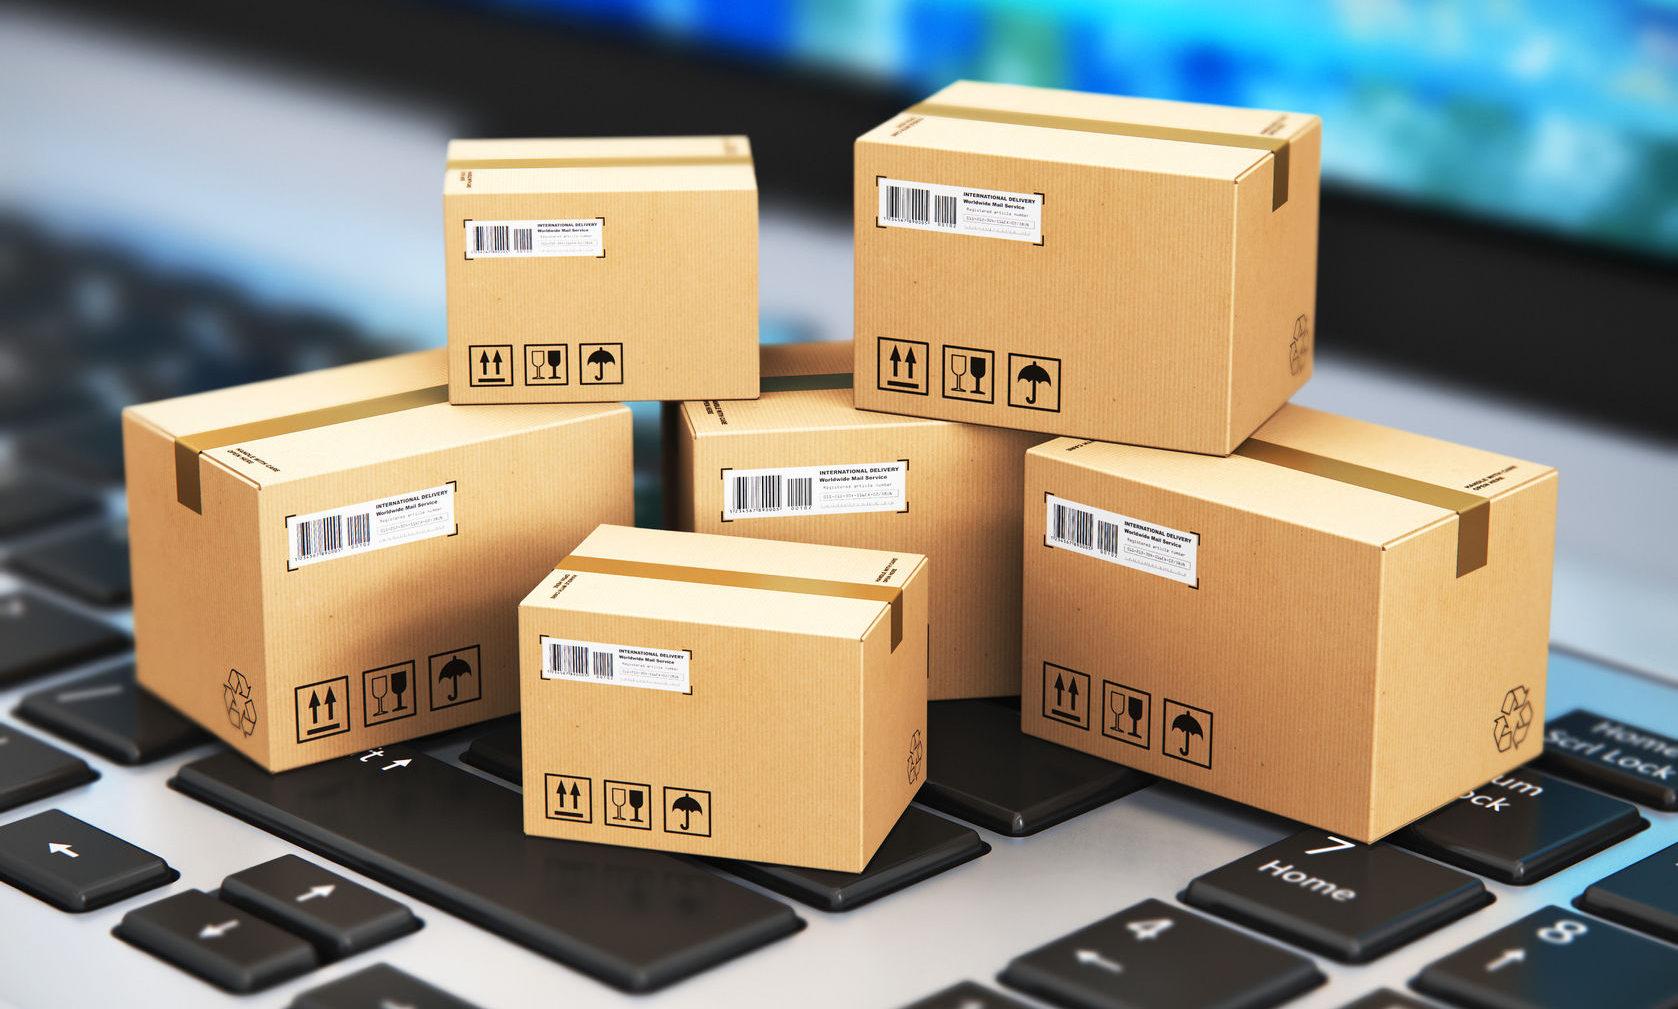 ВРоссии запустили AliExpress Plus— быструю ибесплатную доставку товаров додвери